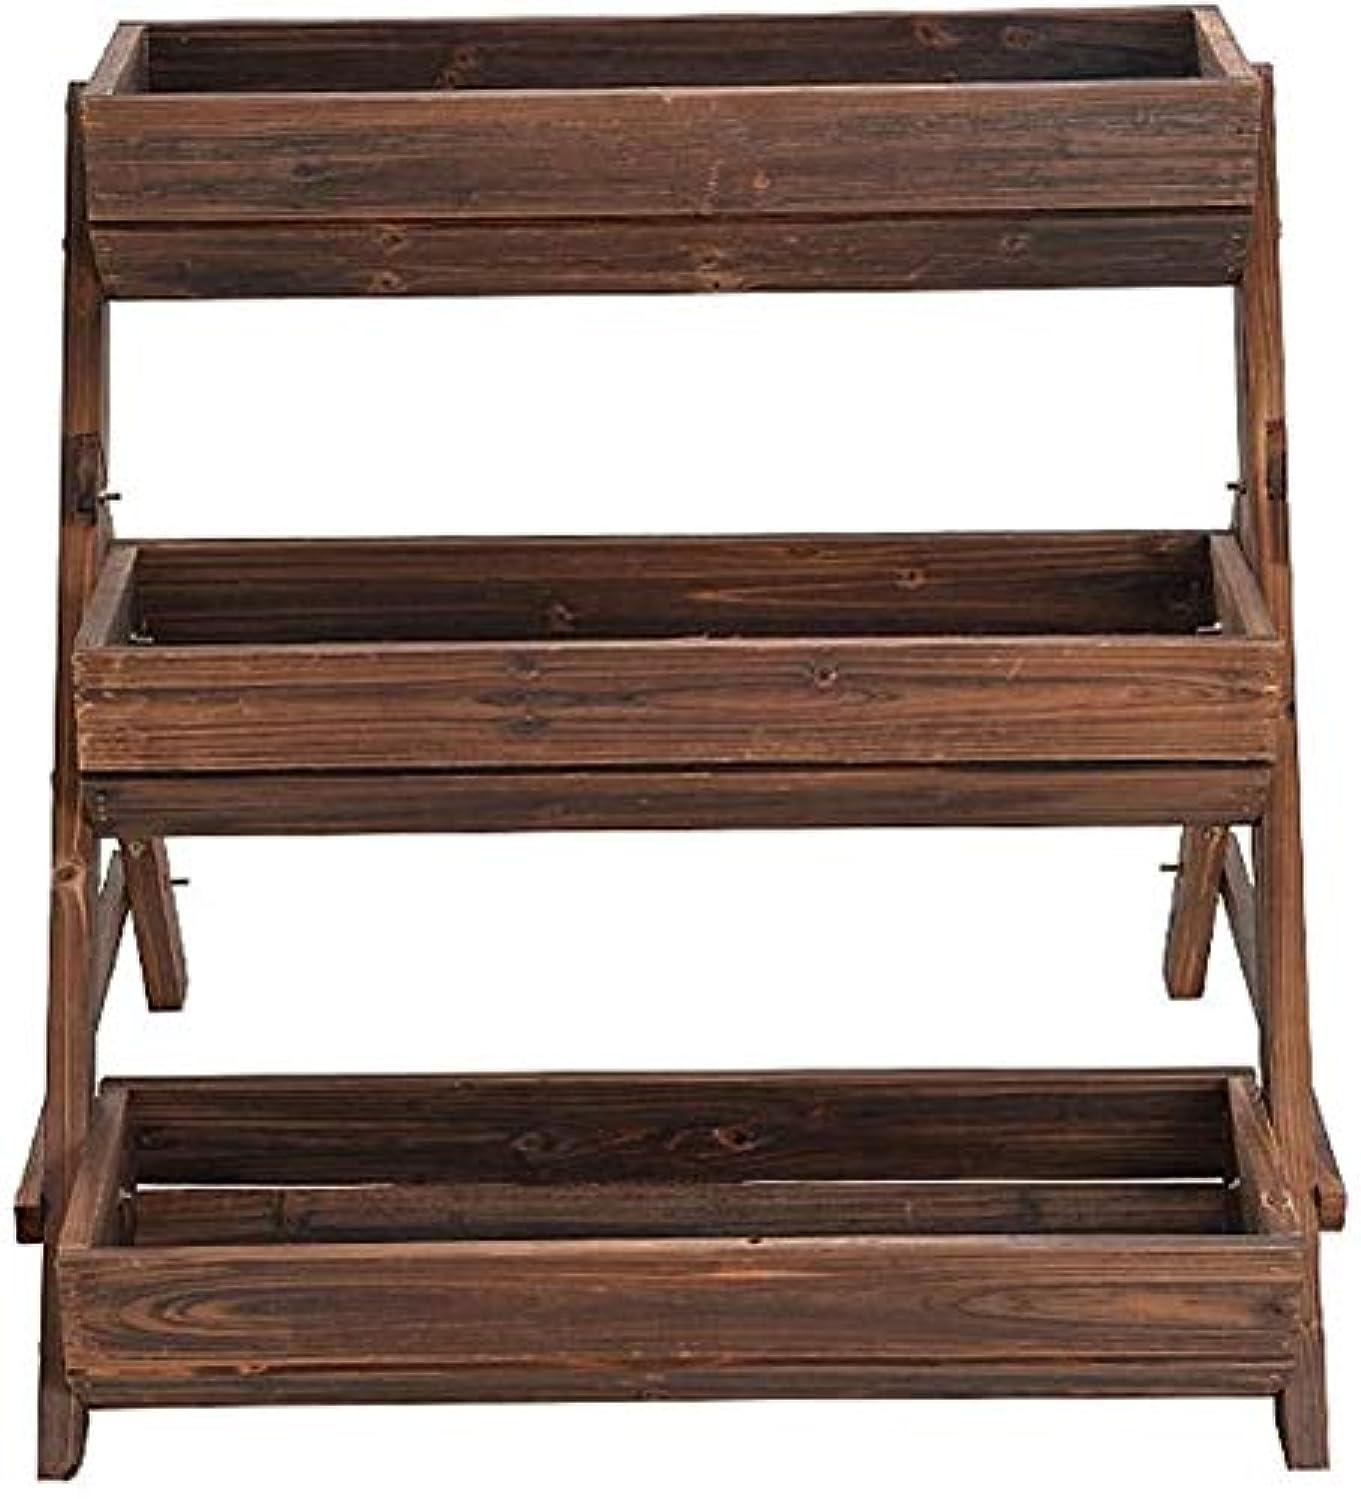 お酢何よりもショッピングセンターYOULAN フラワースタンド フラワートレイプラントフレーム木製リビングルームバルコニー屋外展示ラック化粧枠鉢植え3つのレイヤー78x58x71cmスタンド 花台